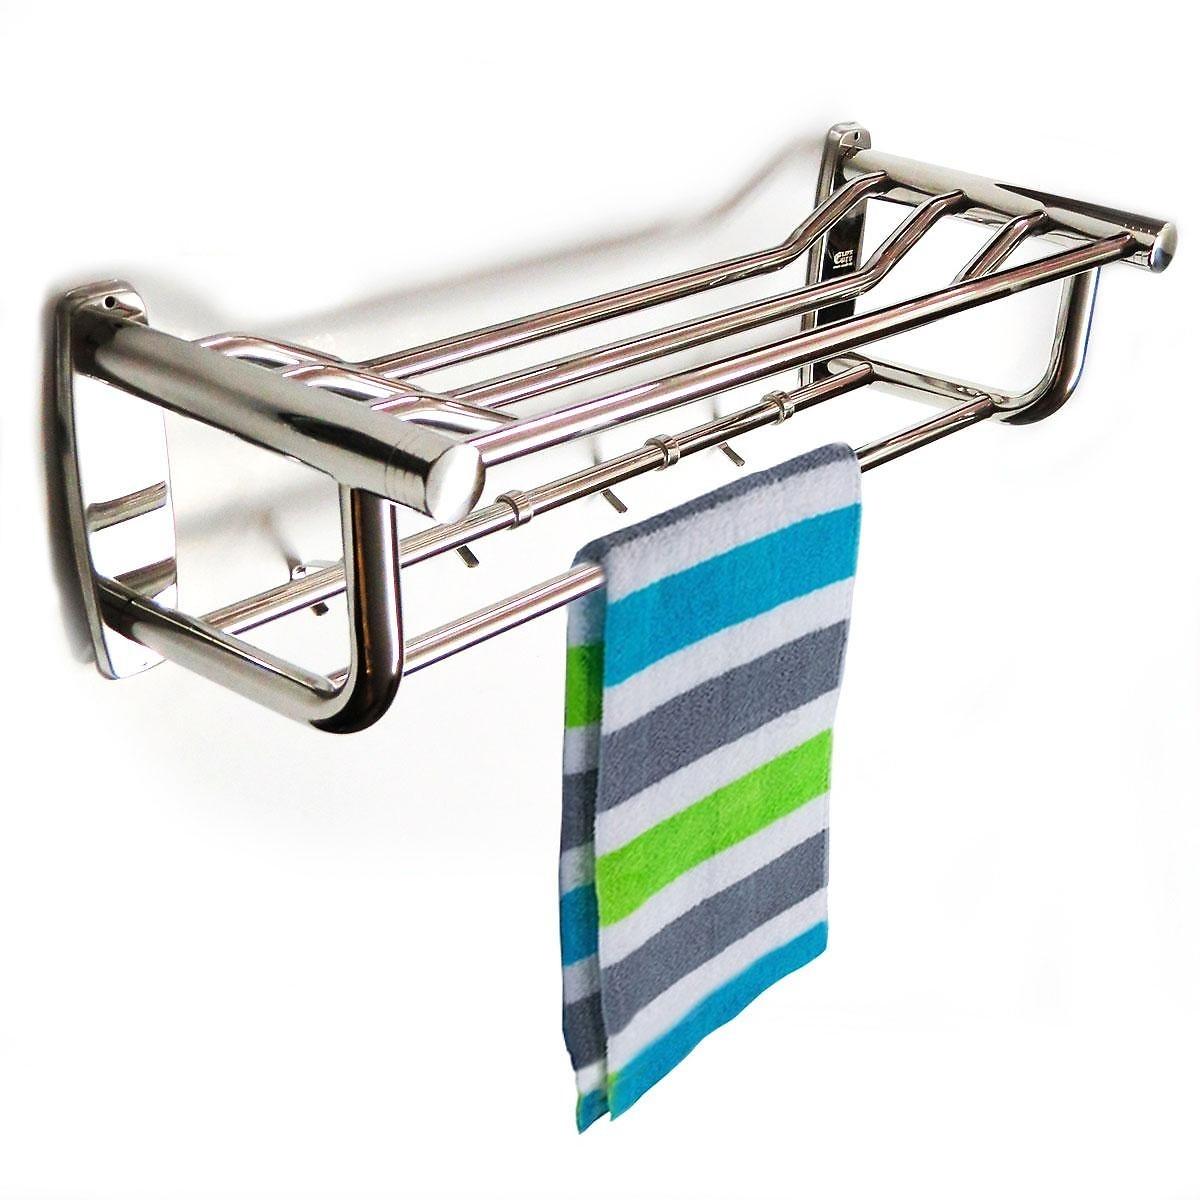 Kệ treo khăn tắm inox đa chức năng Eurolife EL-B8